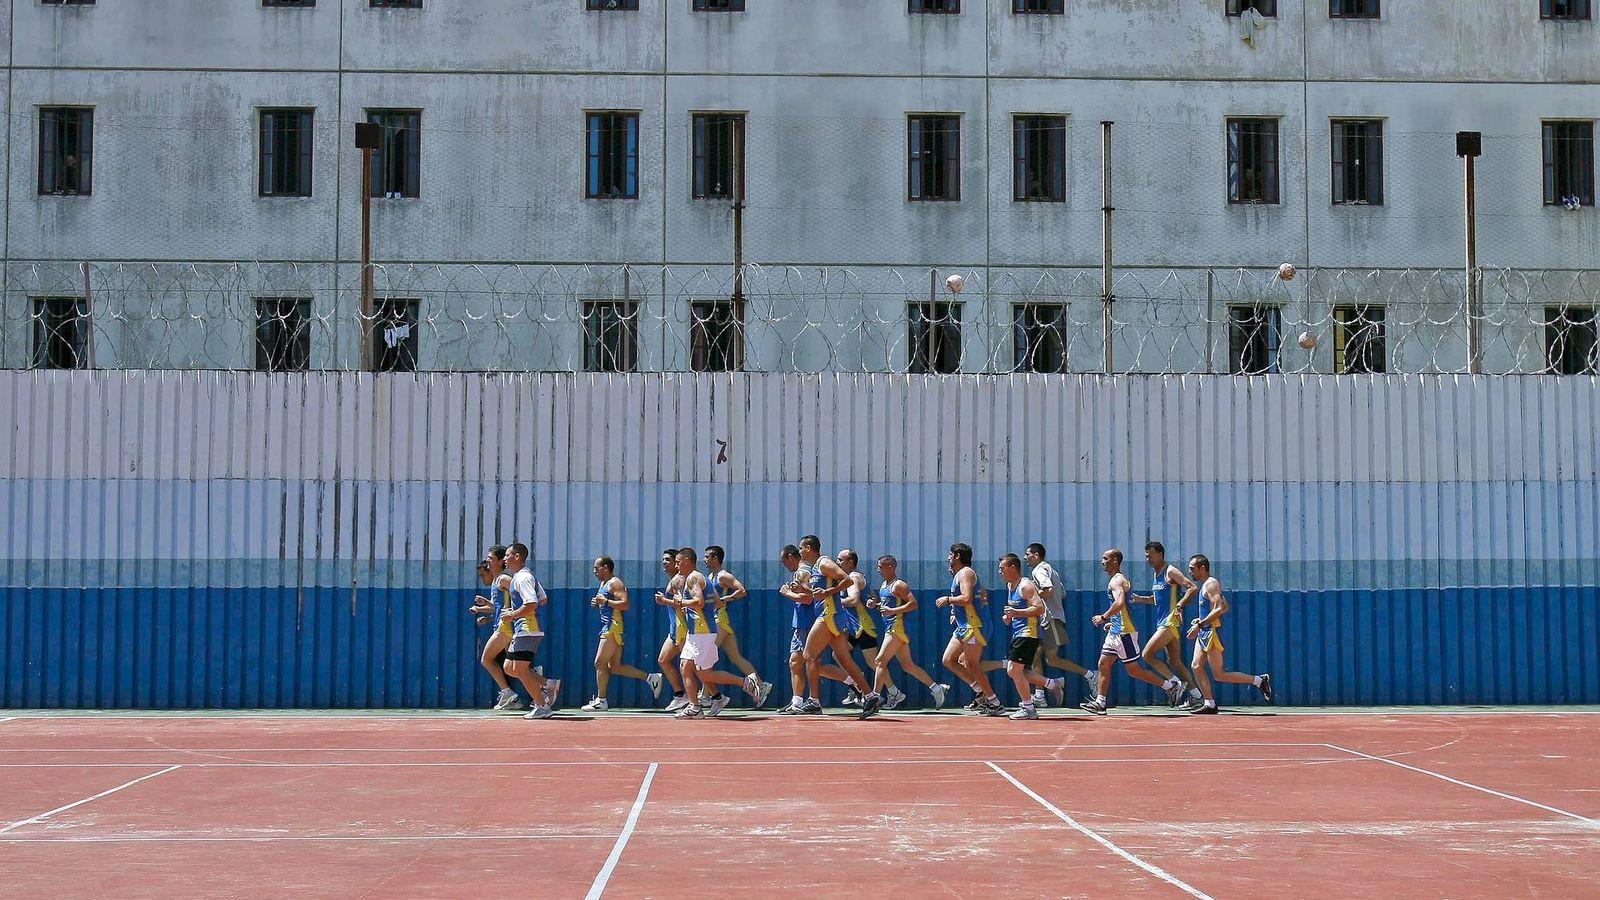 Foto: Un grupo de reclusos corre este verano en uno de los patios de Picassent en una actividad en colaboración con el atleta Martín Fiz. (EFE)